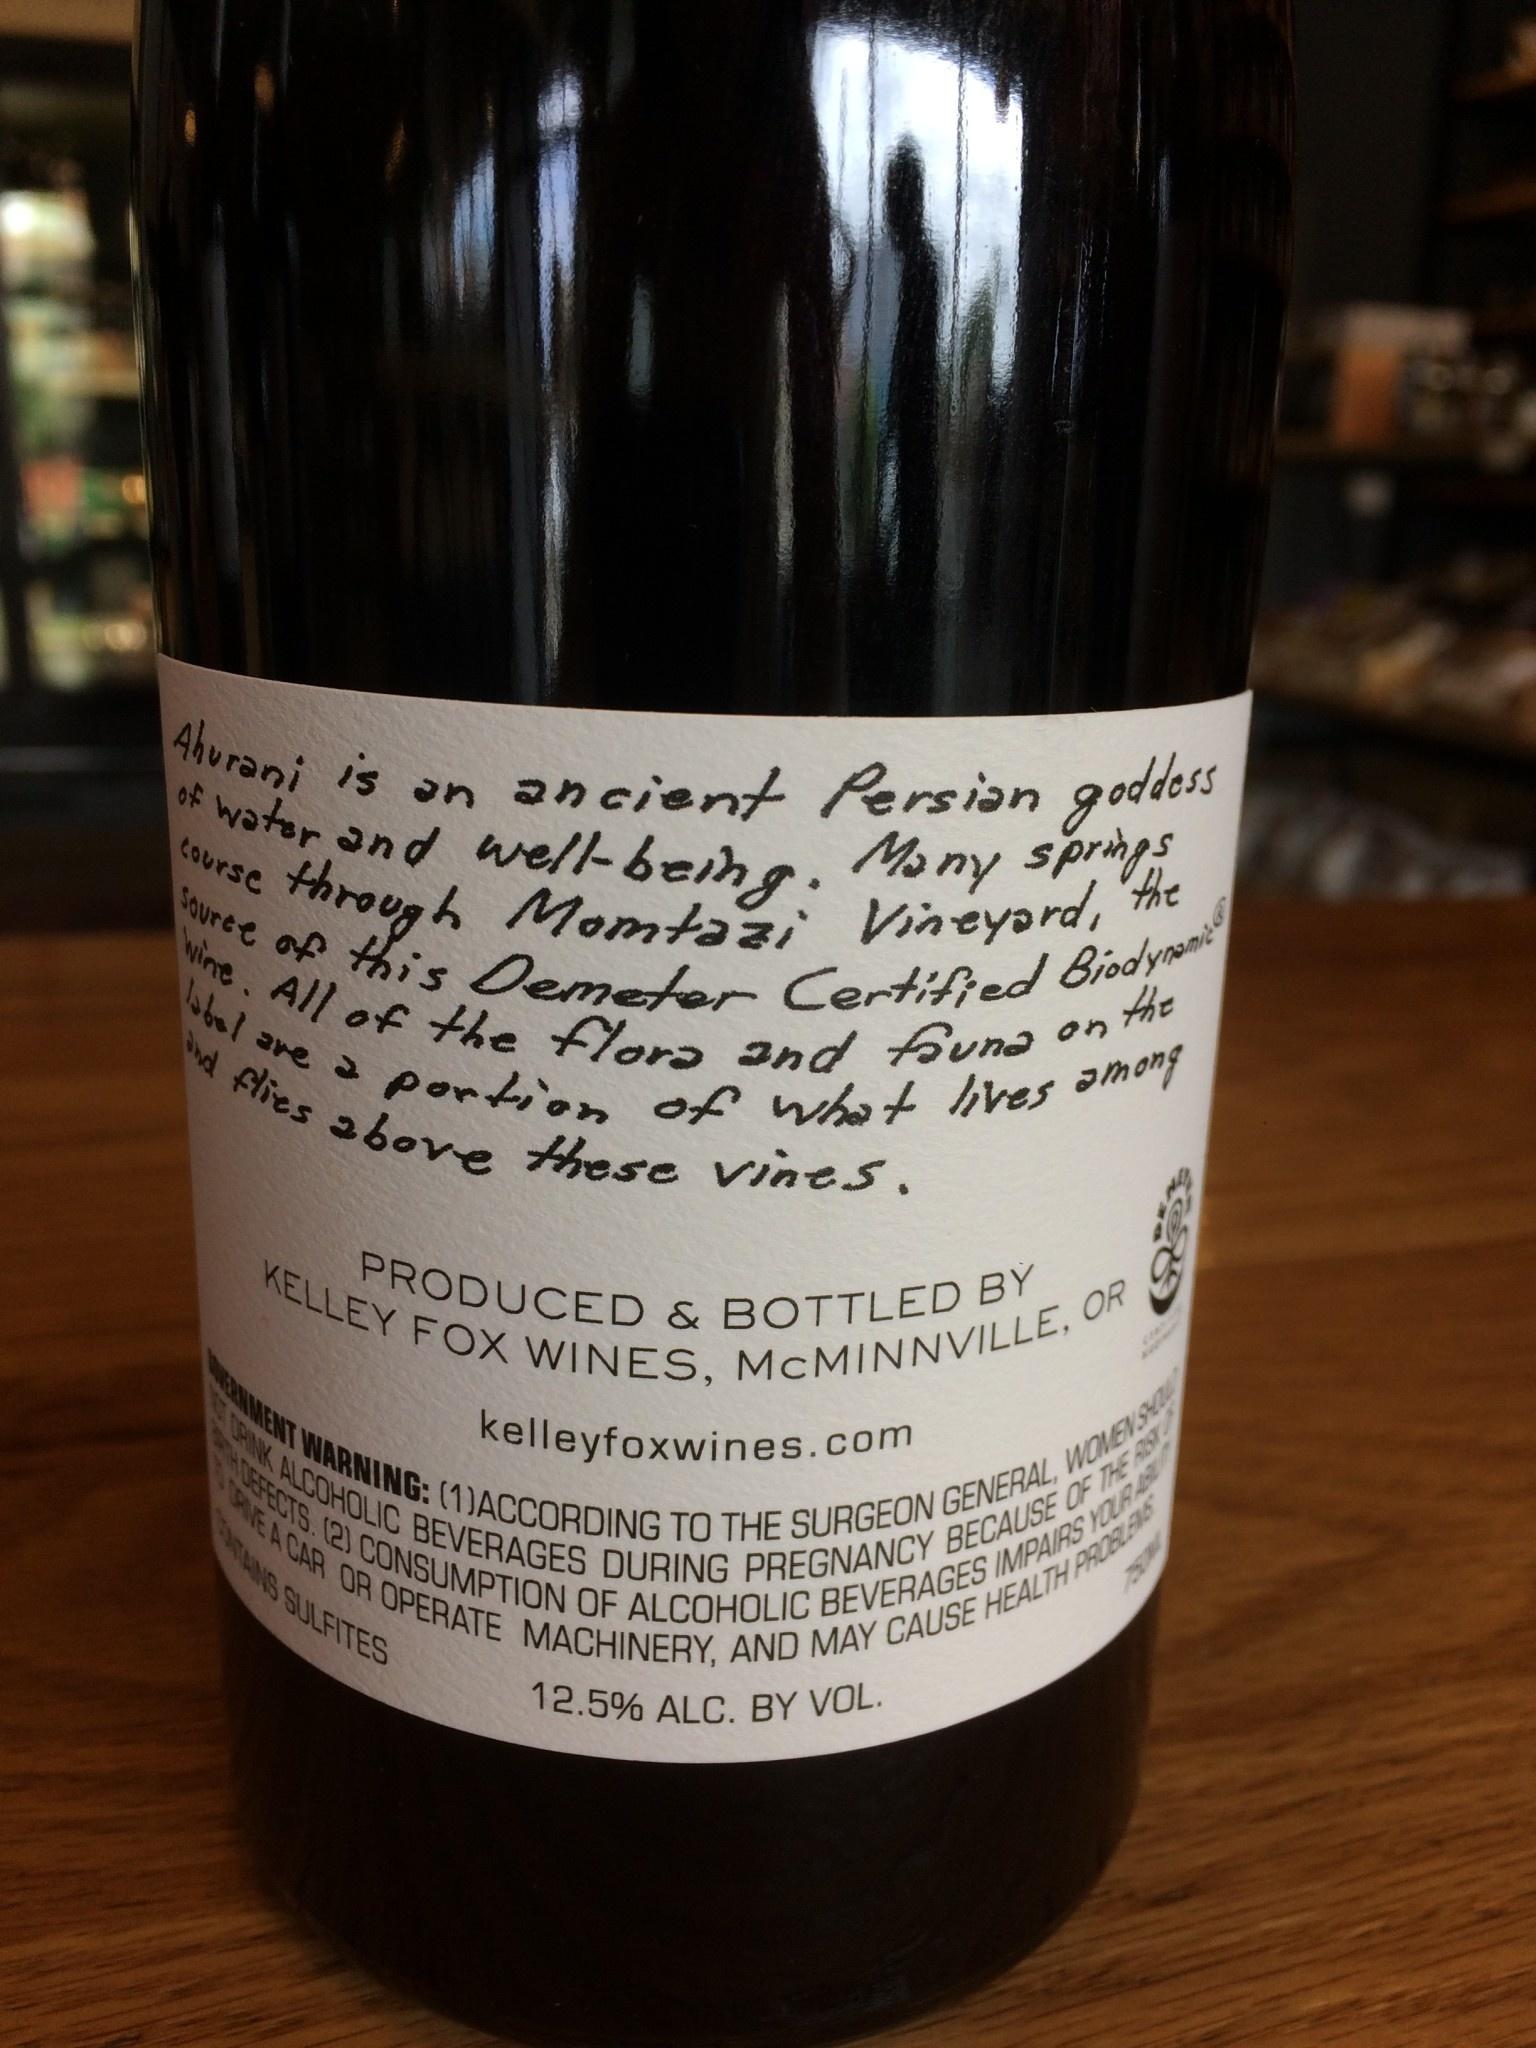 2017 Kelley Fox Pinot Noir, Ahurani